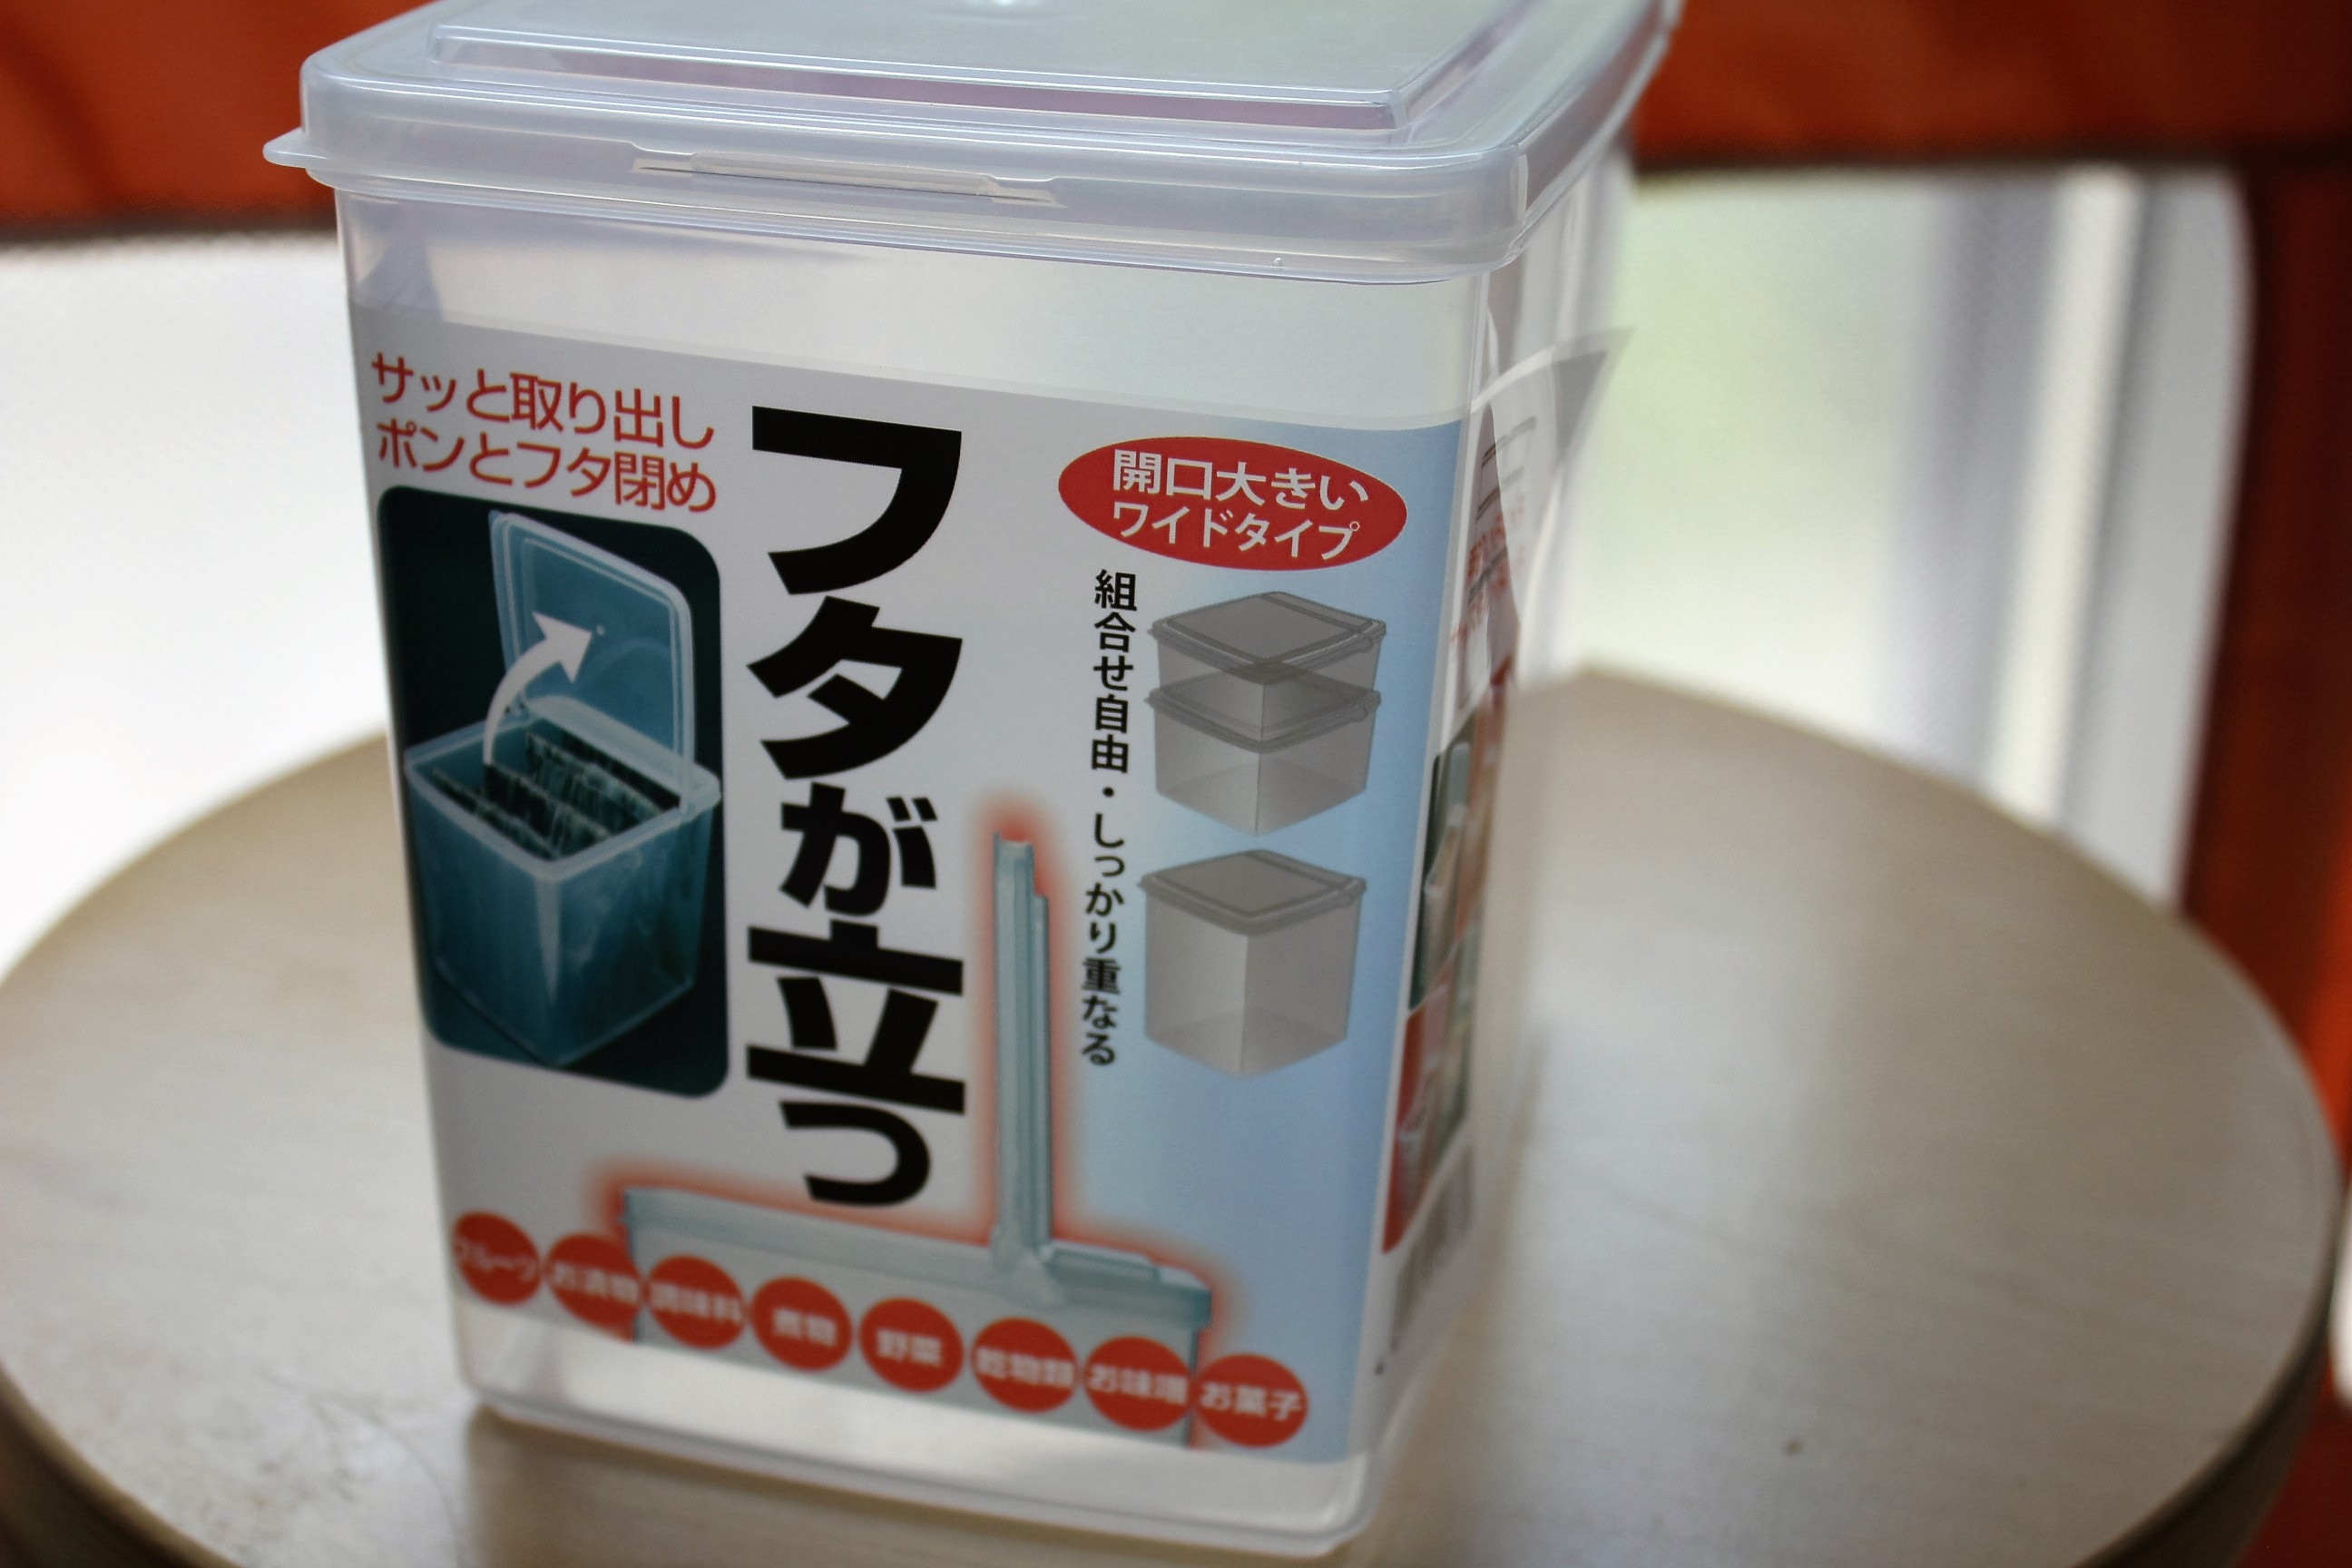 【持ち運びも出来る!】粉せっけん・固形石けんのケースをダイソーで買ってきたよ!